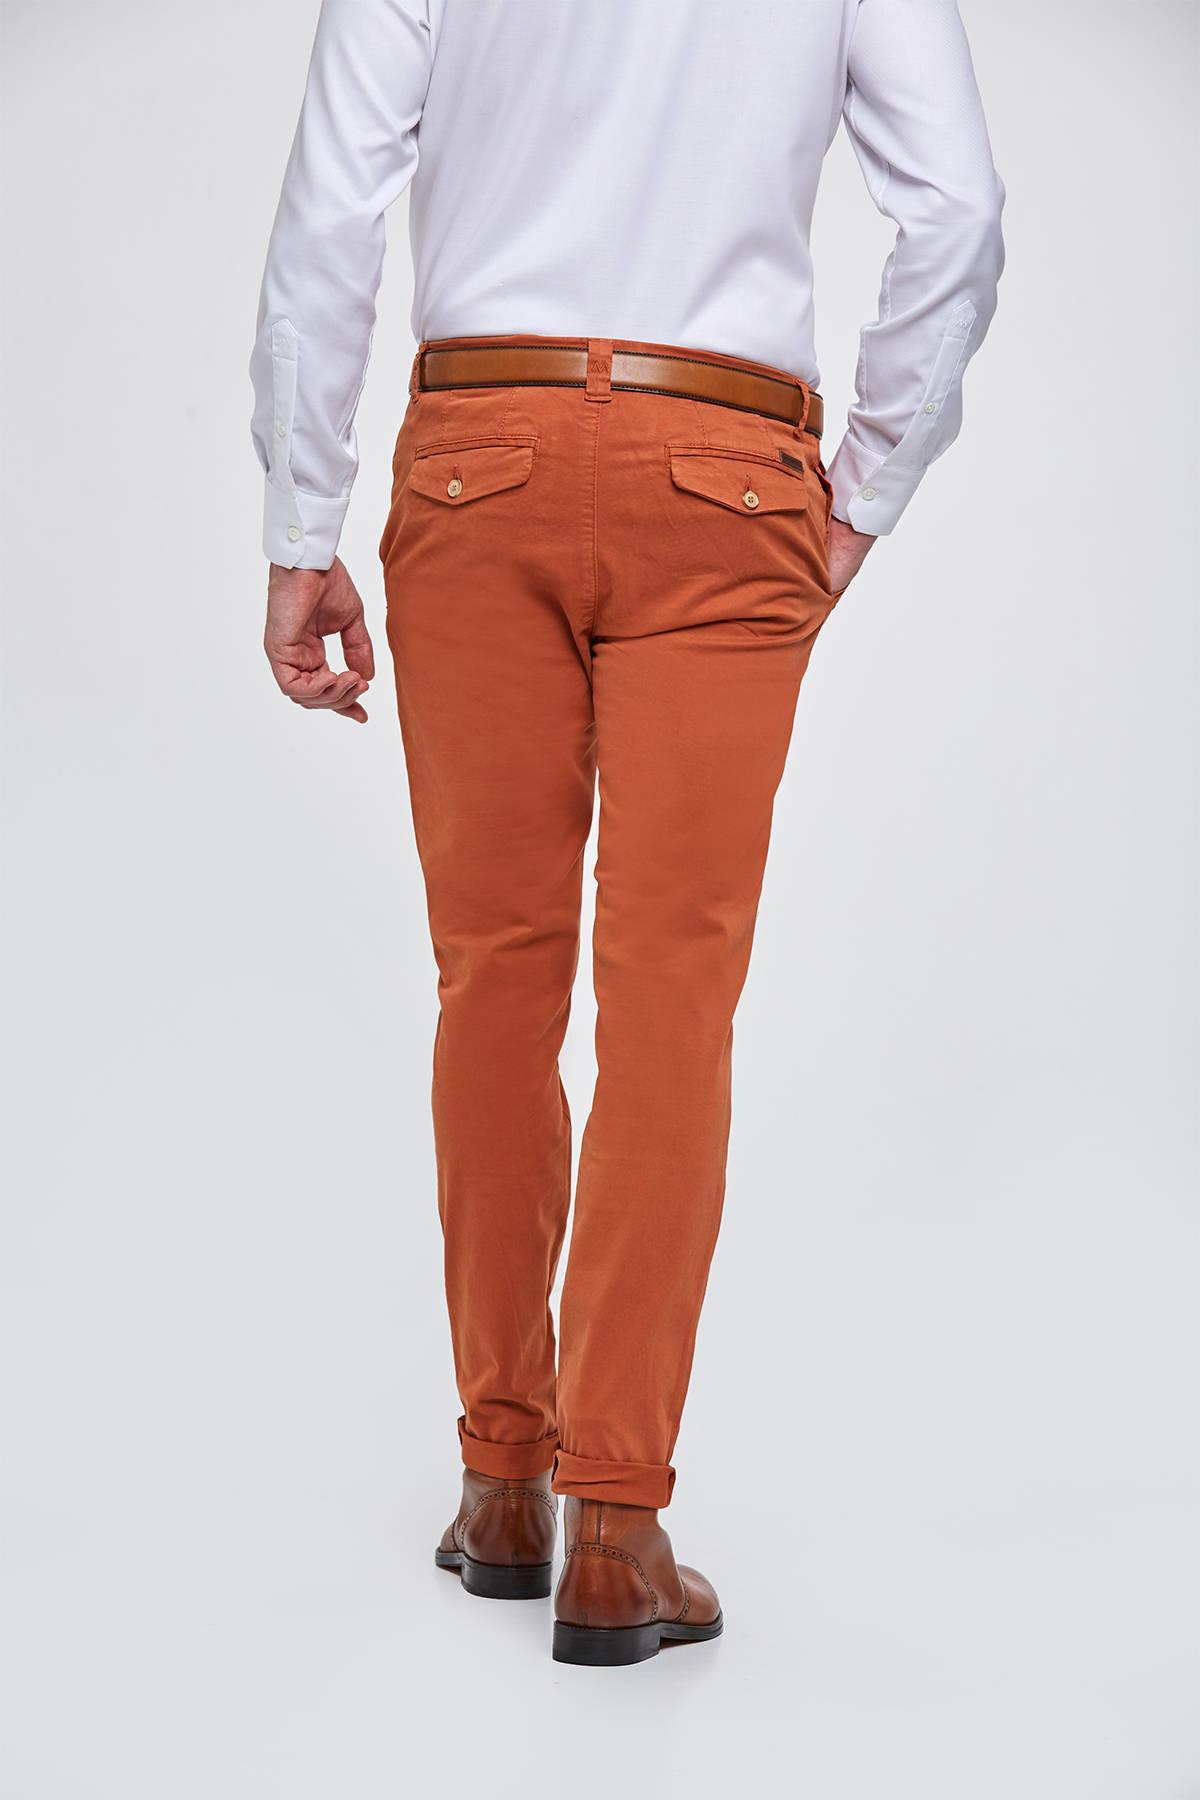 Kadife Dokulu Terracotta Chino Pantolon